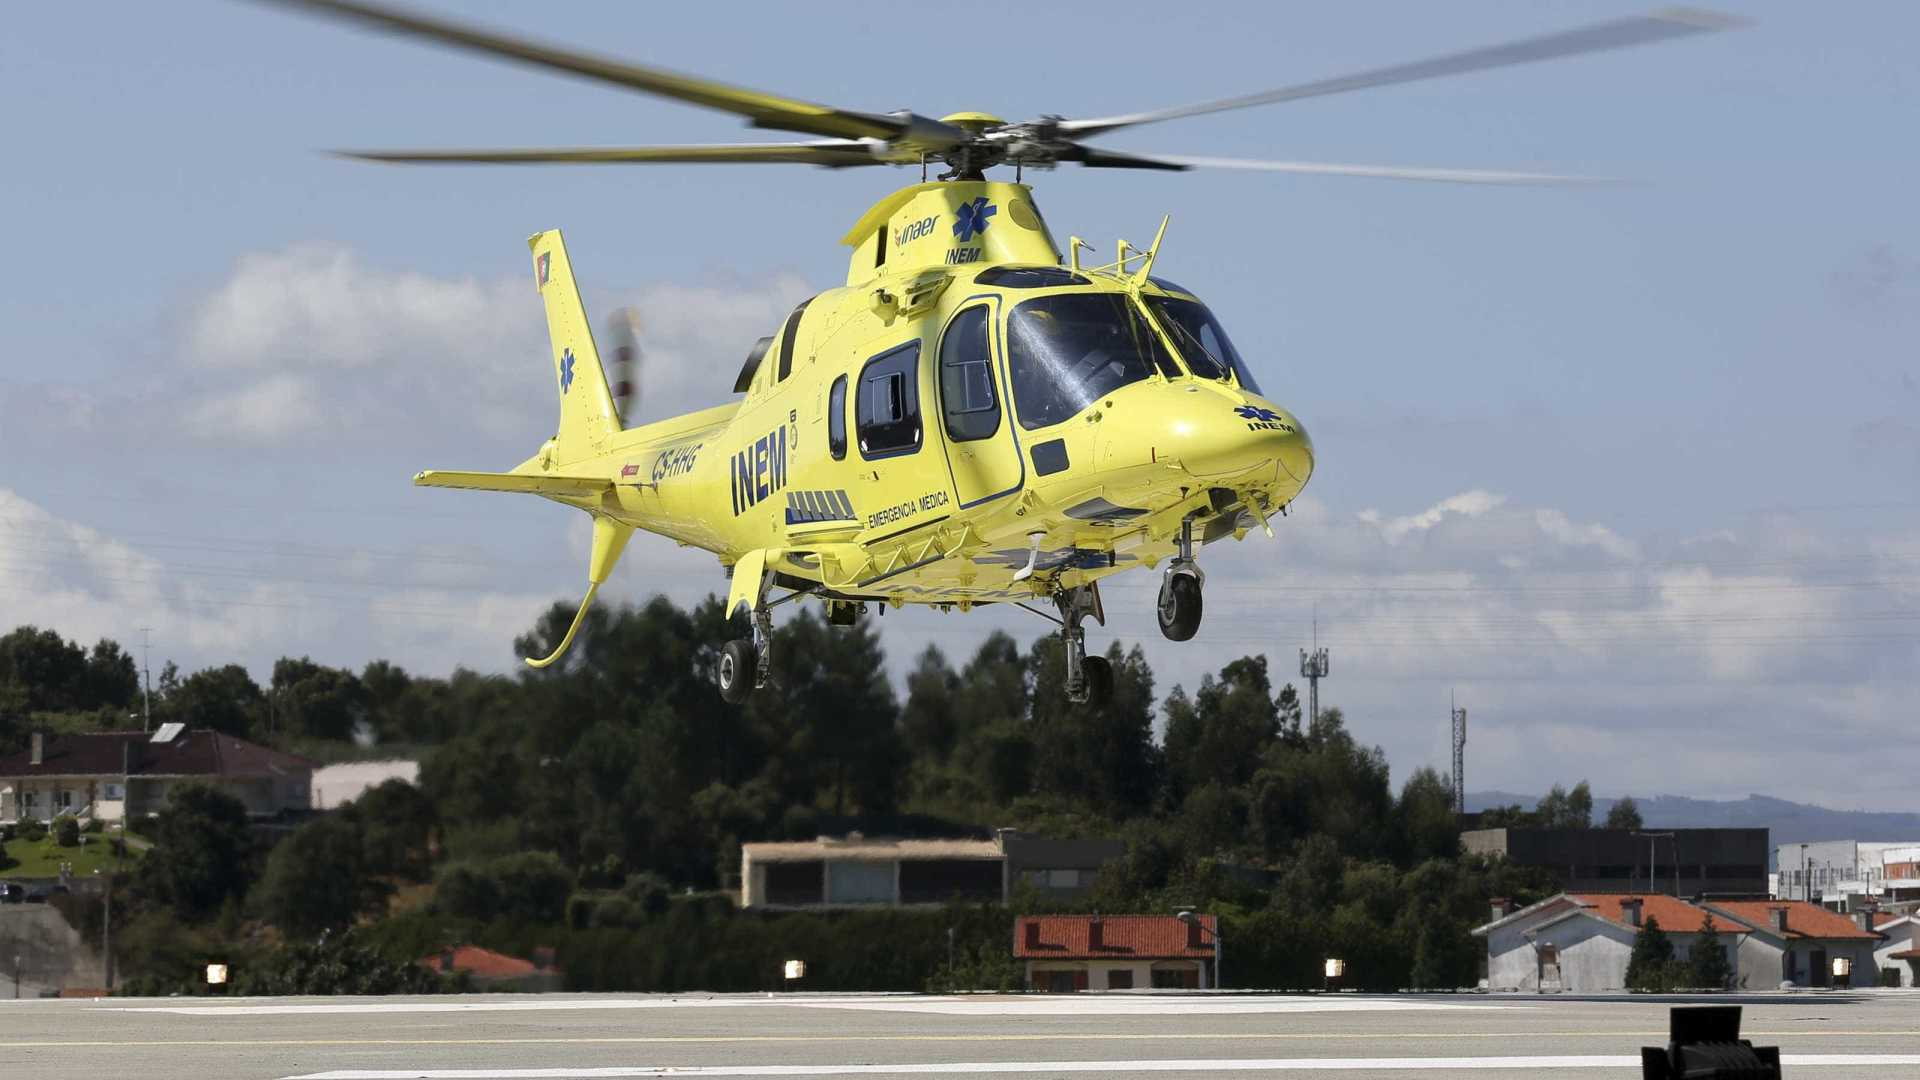 Helicóptero do INEM desaparece com quatro pessoas a bordo